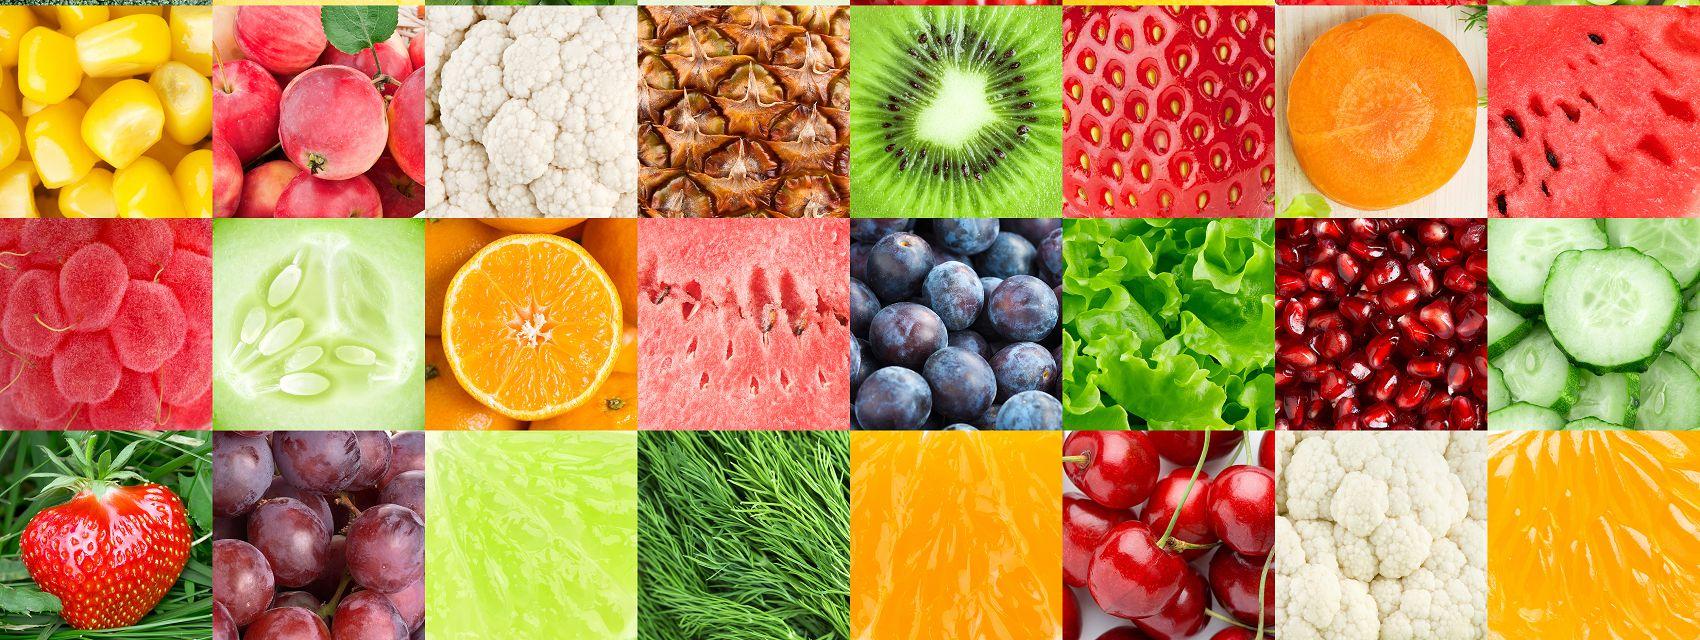 Фрукты и овощи коллаж